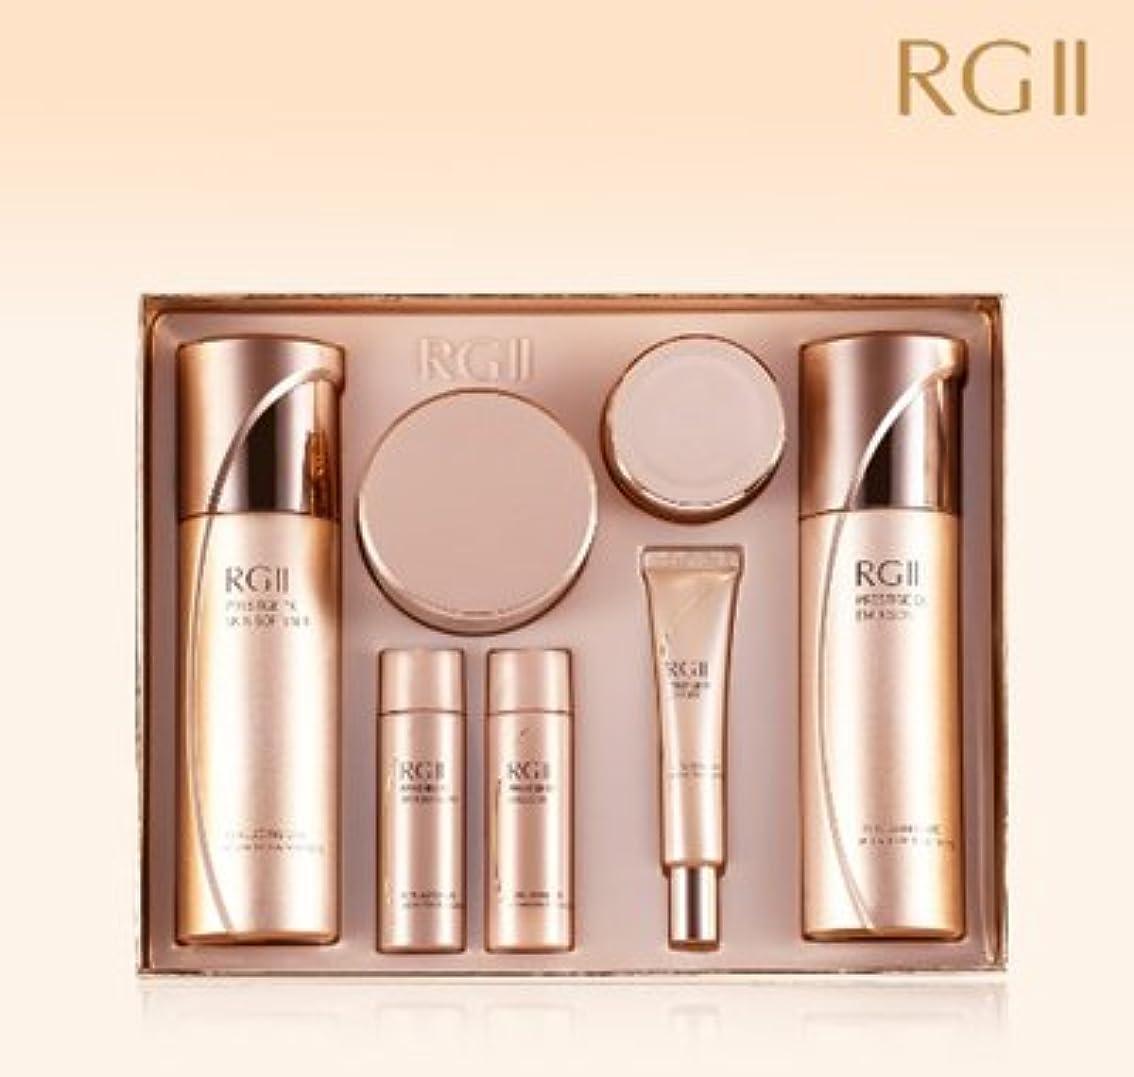 モルヒネ描くアレキサンダーグラハムベル多娜嫺[Danahan] RGll Prestige EX Skin Care 3pcs Set RGll プレステージ EX スキンケア 3種セット